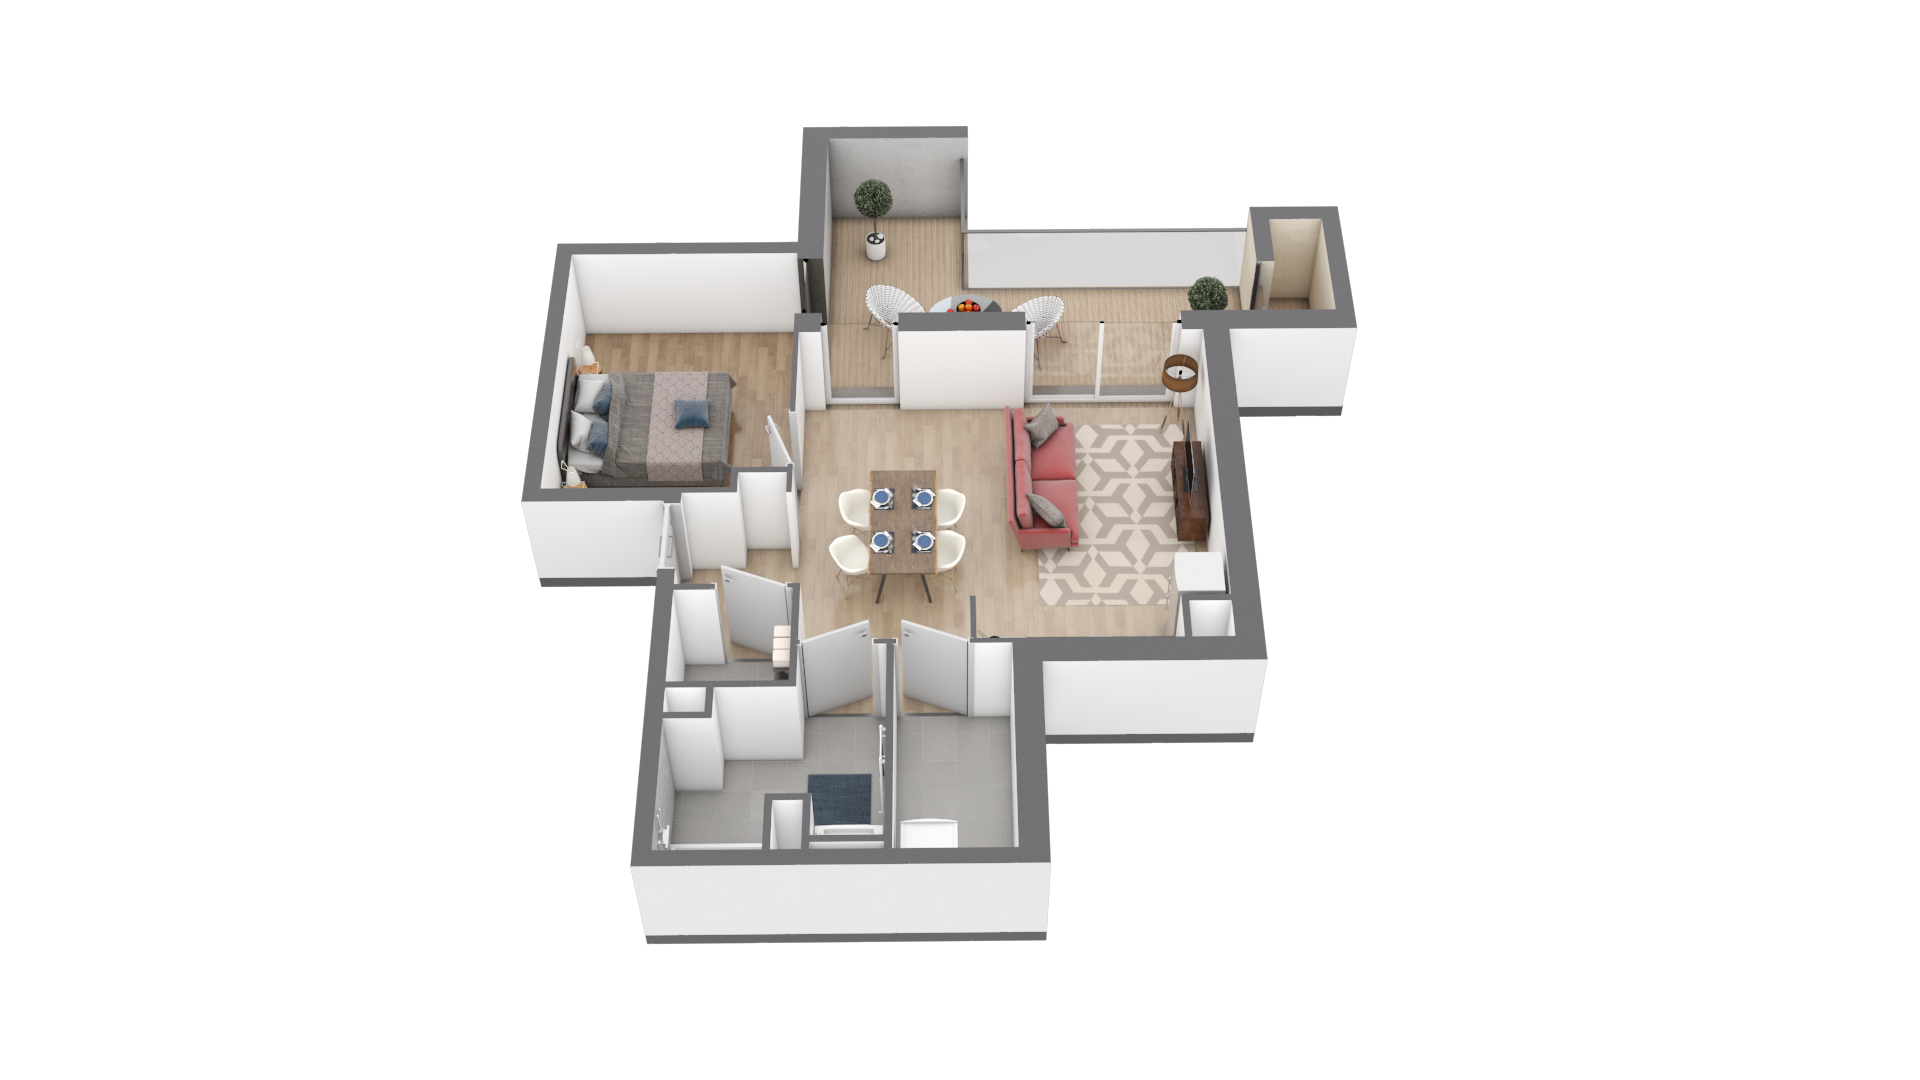 appartement B204 de type T1